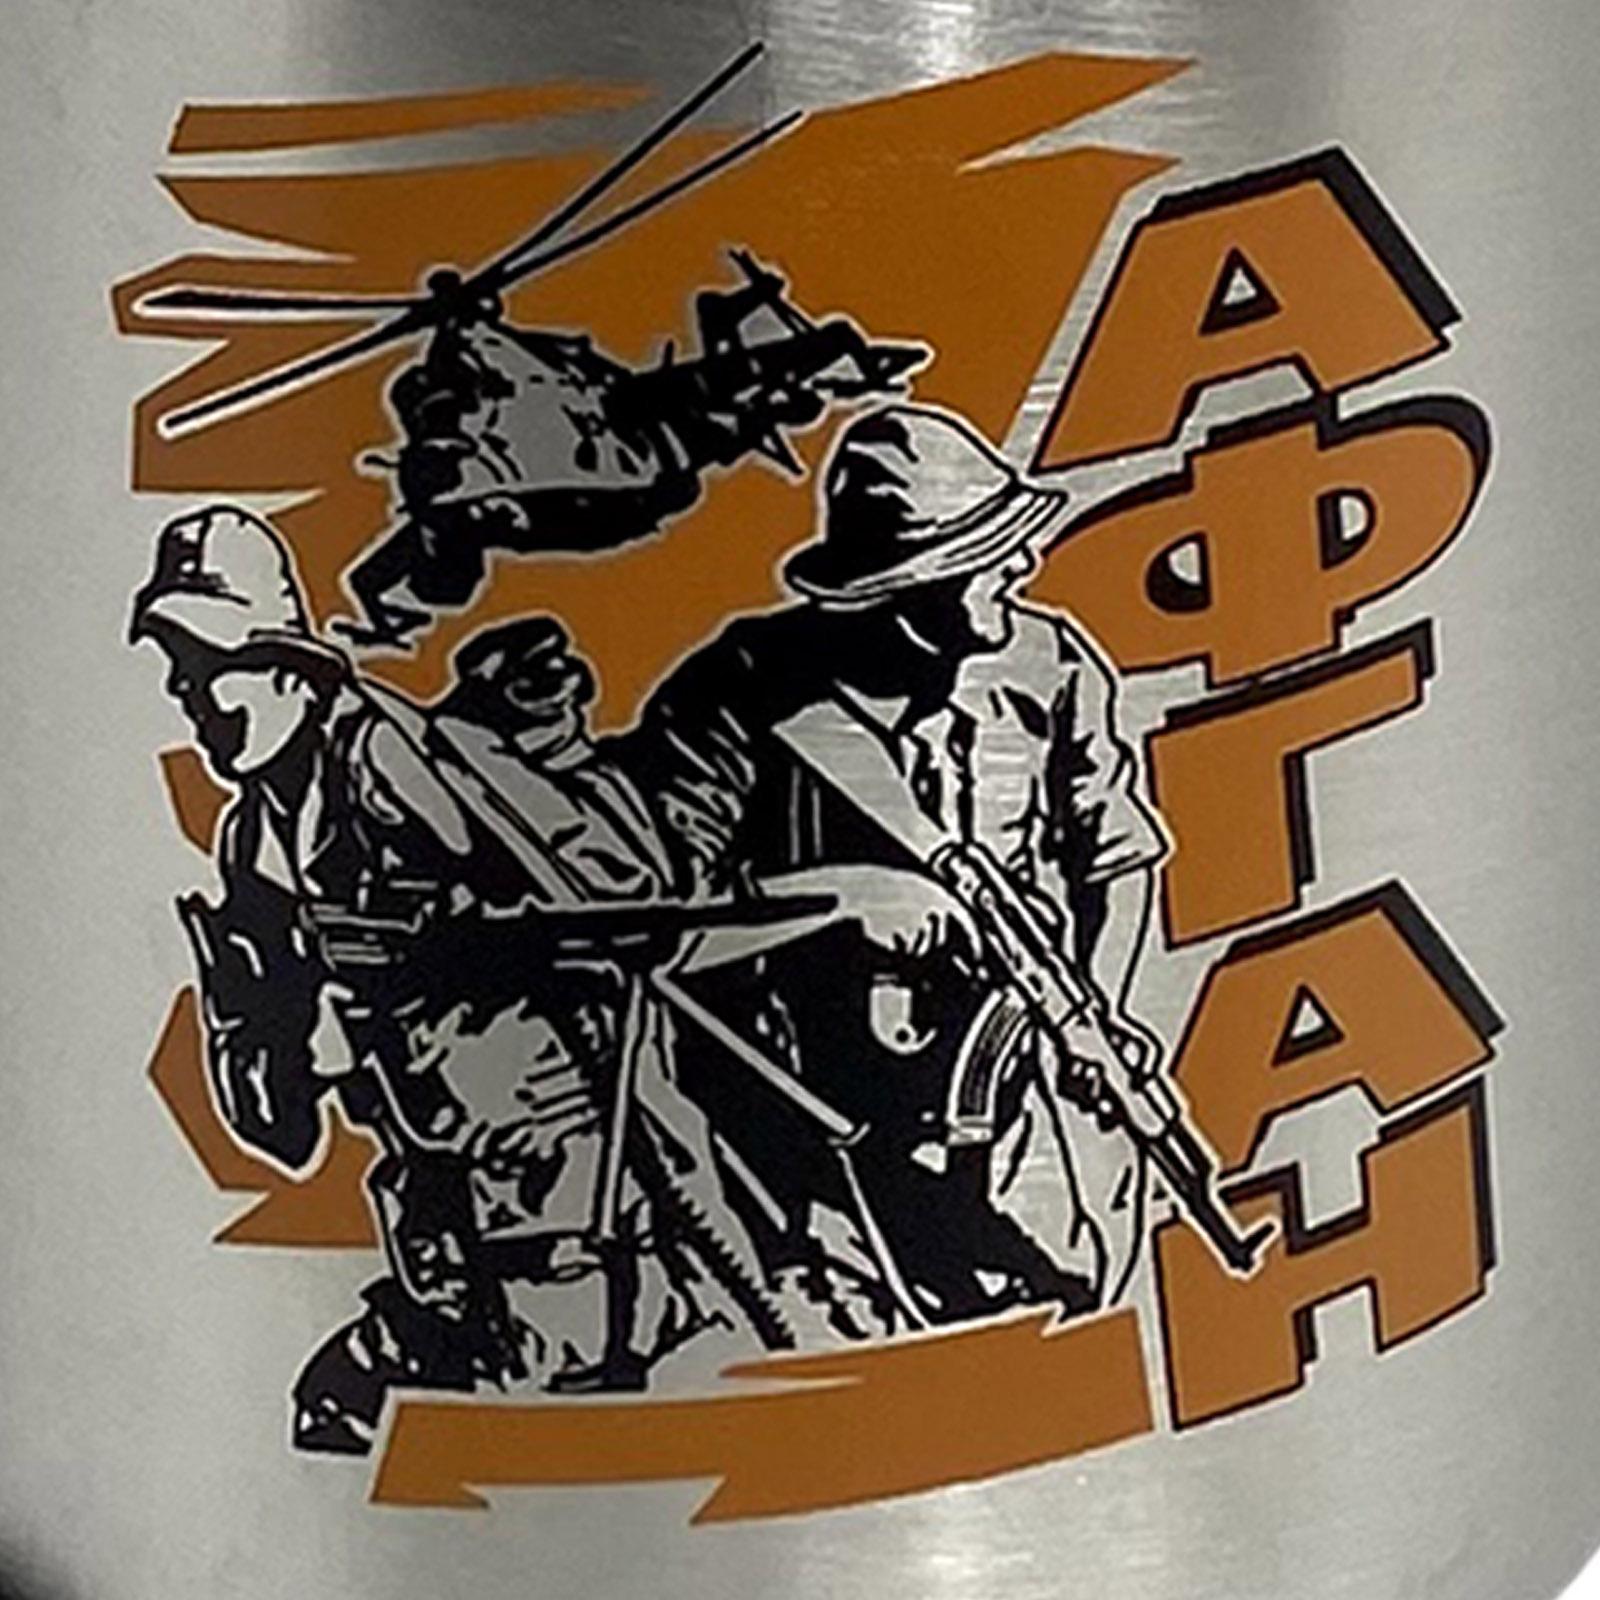 Купить герметичную термокружку Афган по выгодной цене